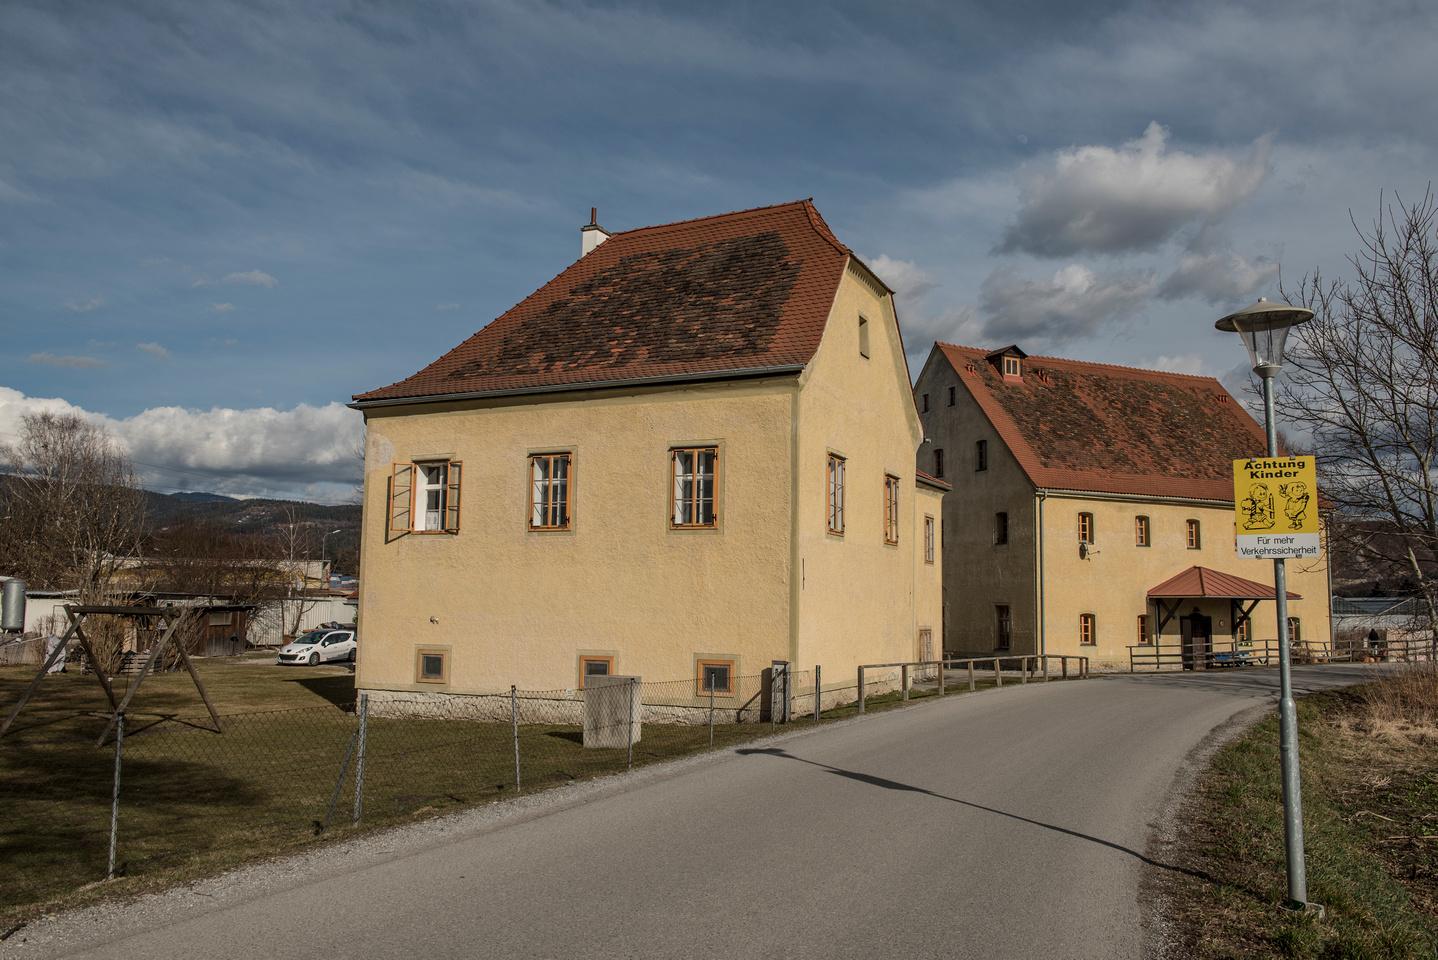 Children's school